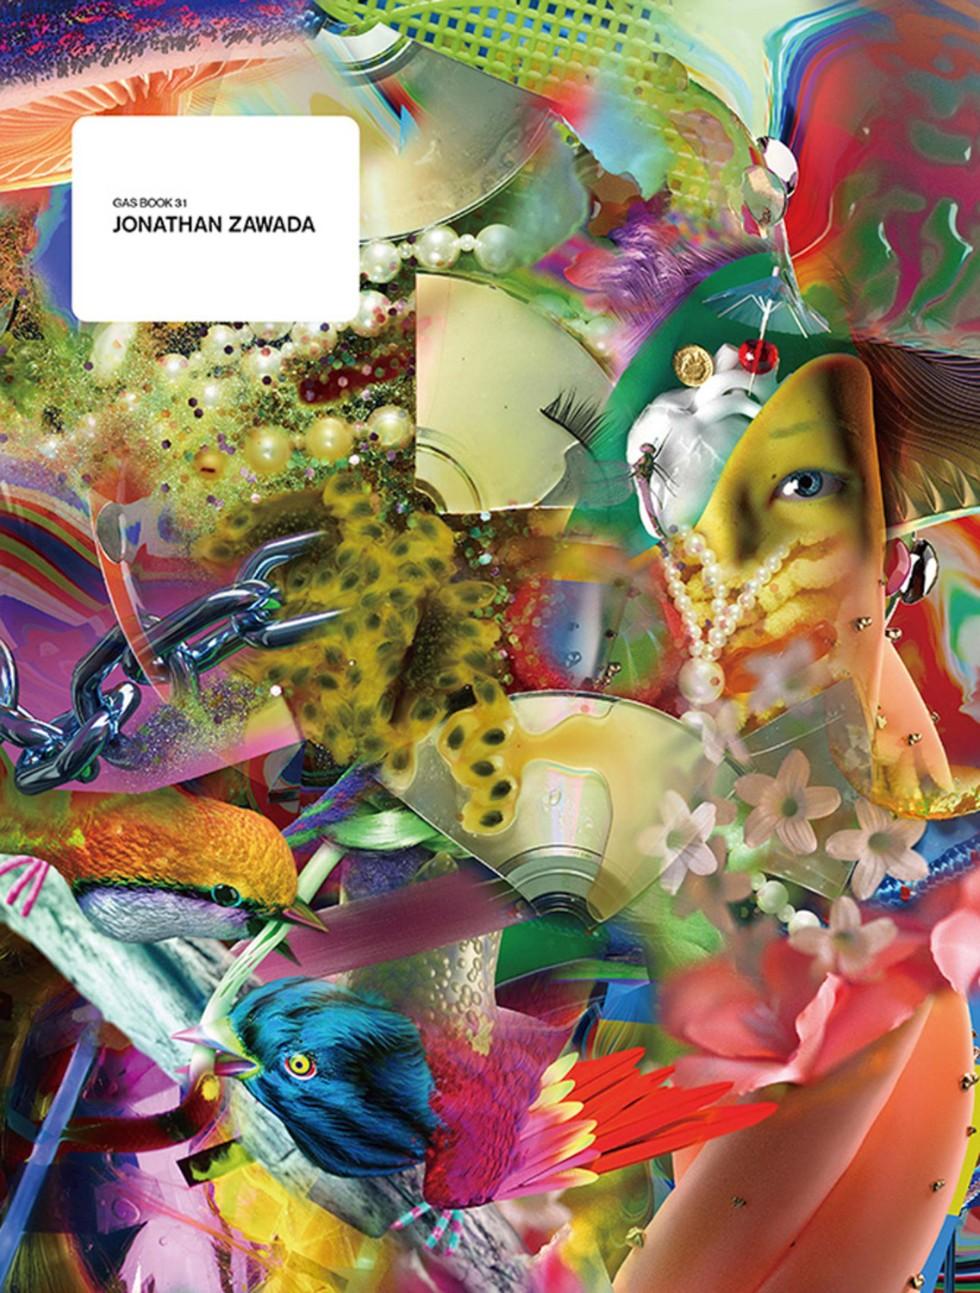 本展を記念して発売された「GASBOOK 31 JONATHAN ZAWADA」アートブック